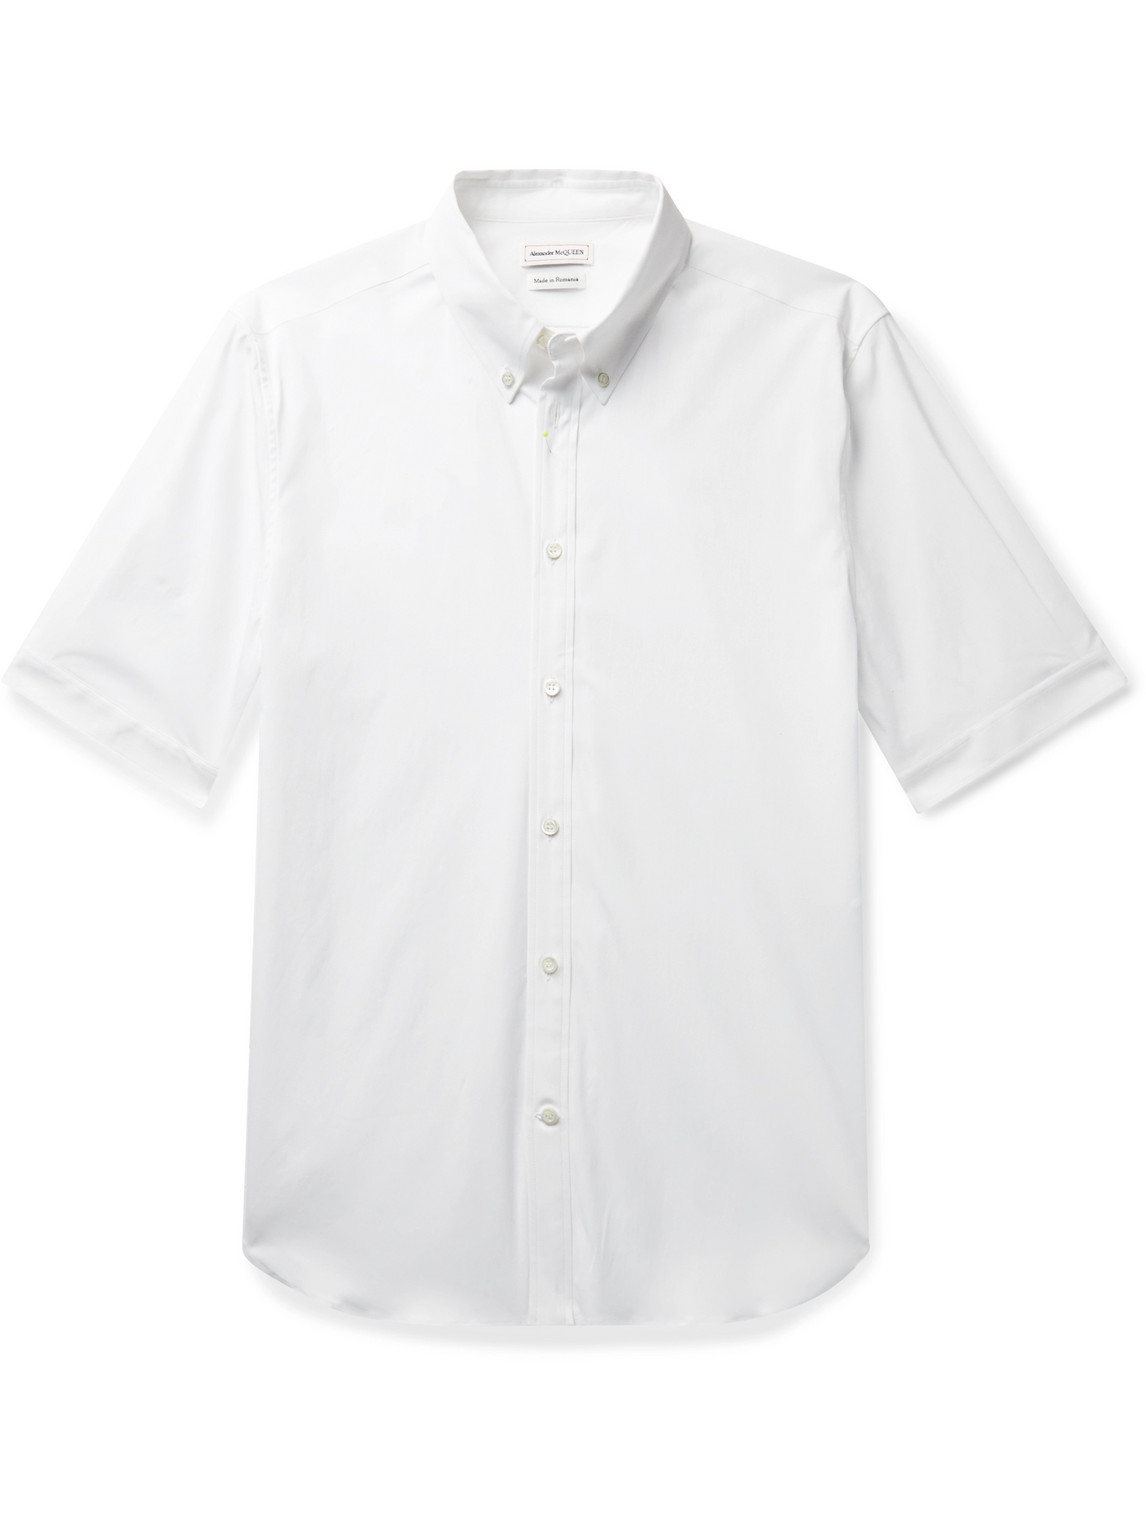 alexander mcqueen - slim-fit button-down collar stretch-cotton poplin shirt - men - white - uk/us 14.5